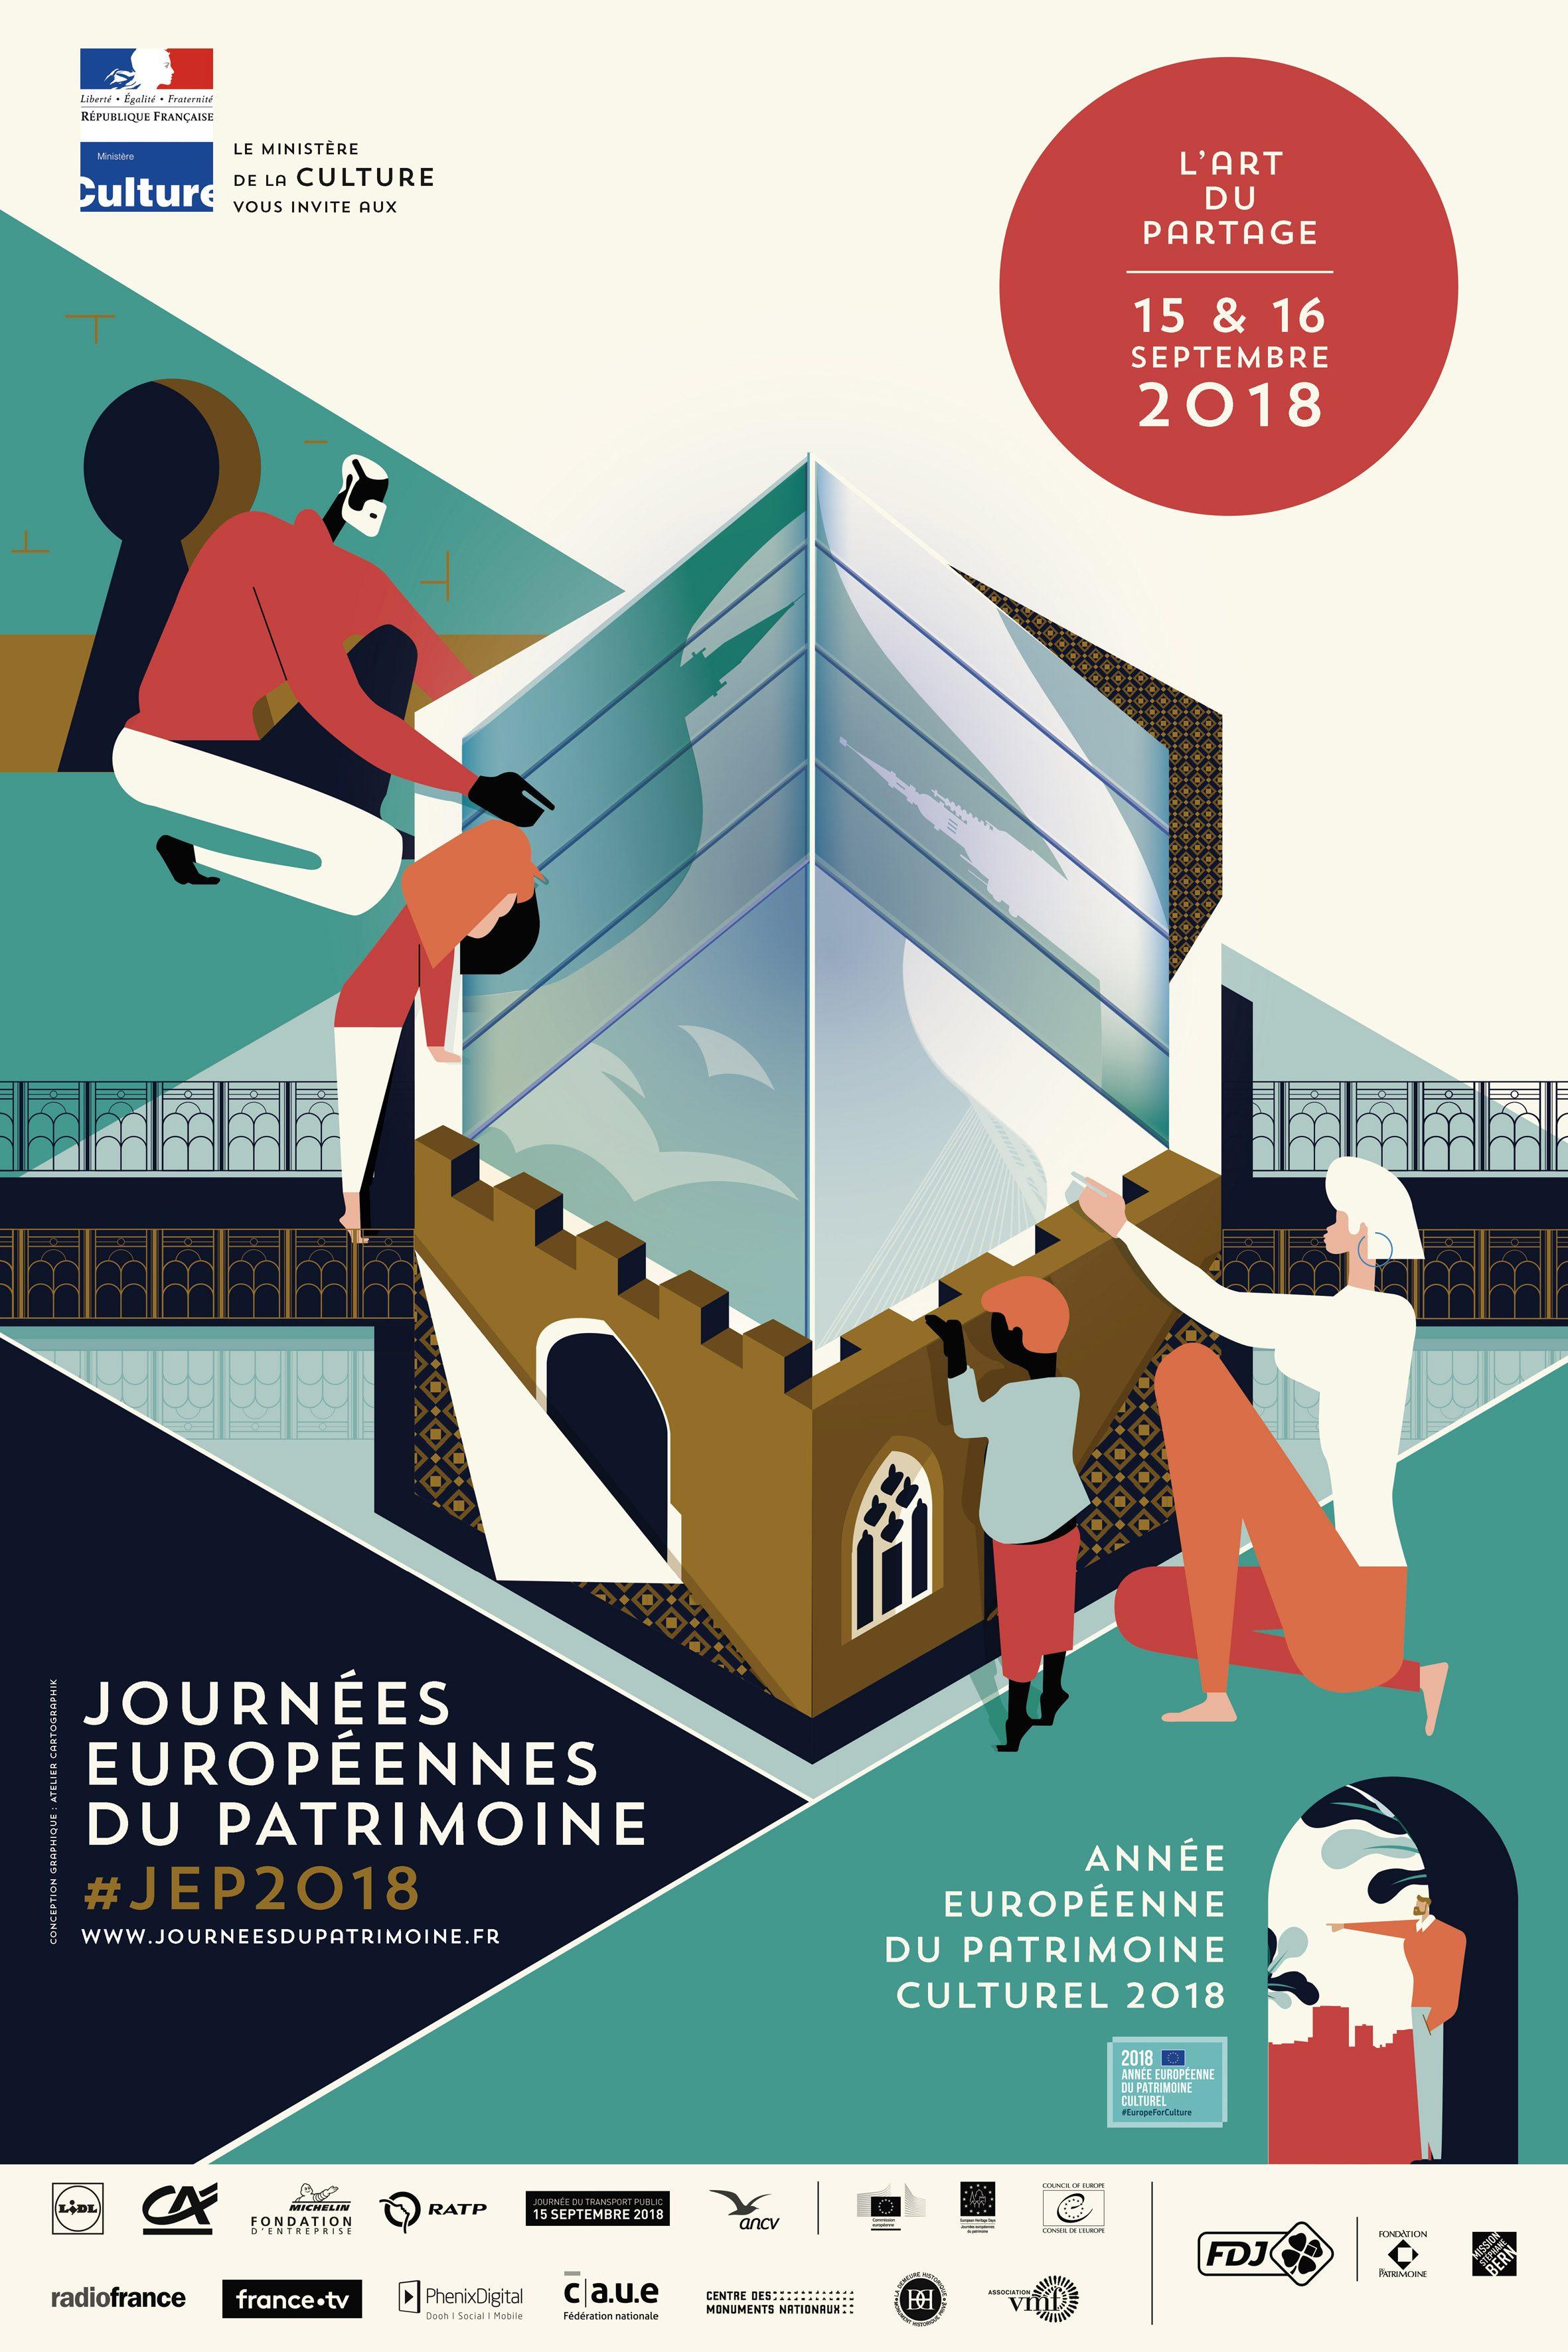 Les Journées du Patrimoines 2018 au Moulin de la Rouzique